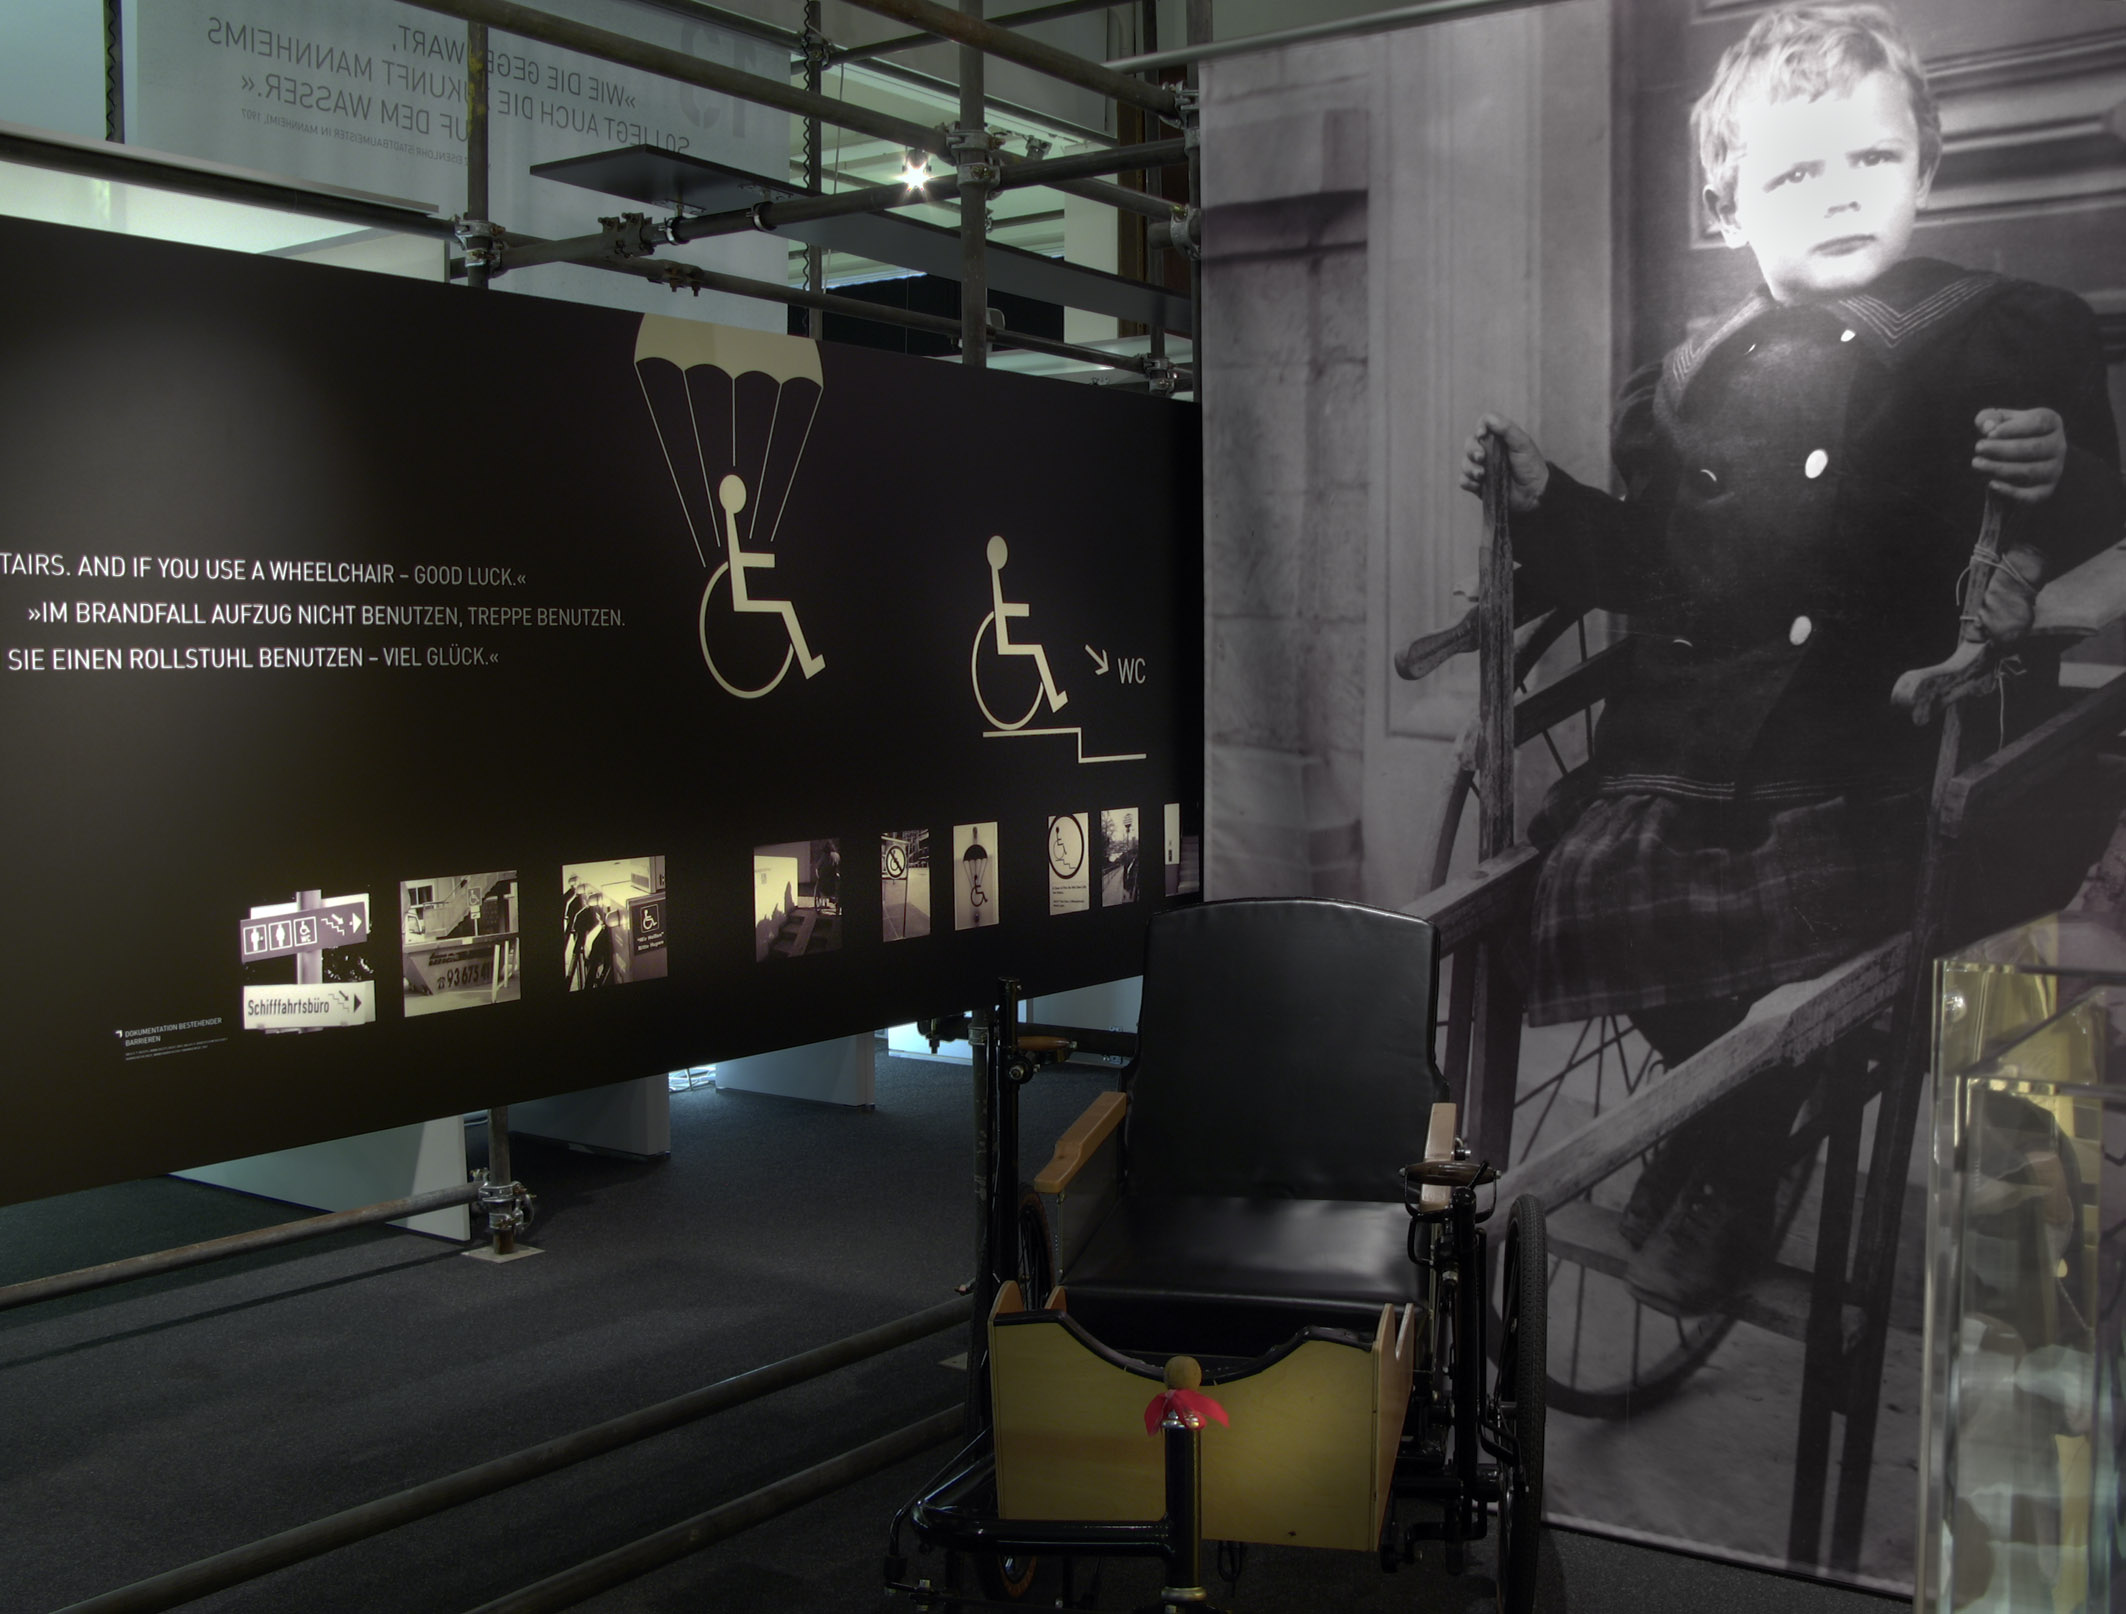 Man sieht eine Ausstellungswand mit Bildern der Woche von BIZEPS-INFO. Neben der Anstellungswand steht ein Rollstuhl.